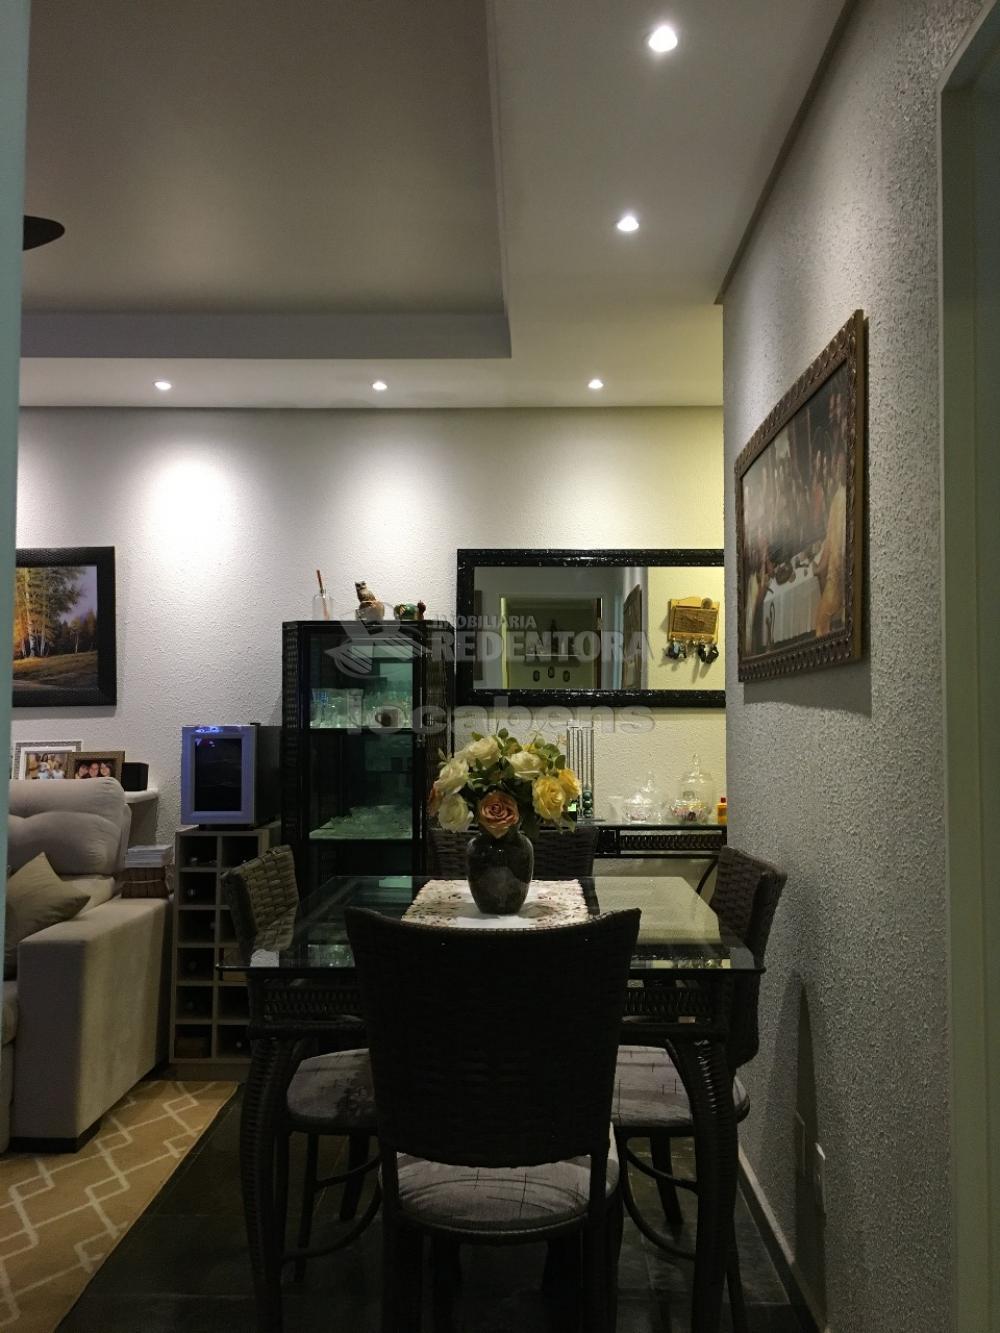 Comprar Apartamento / Padrão em São José do Rio Preto R$ 218.000,00 - Foto 32